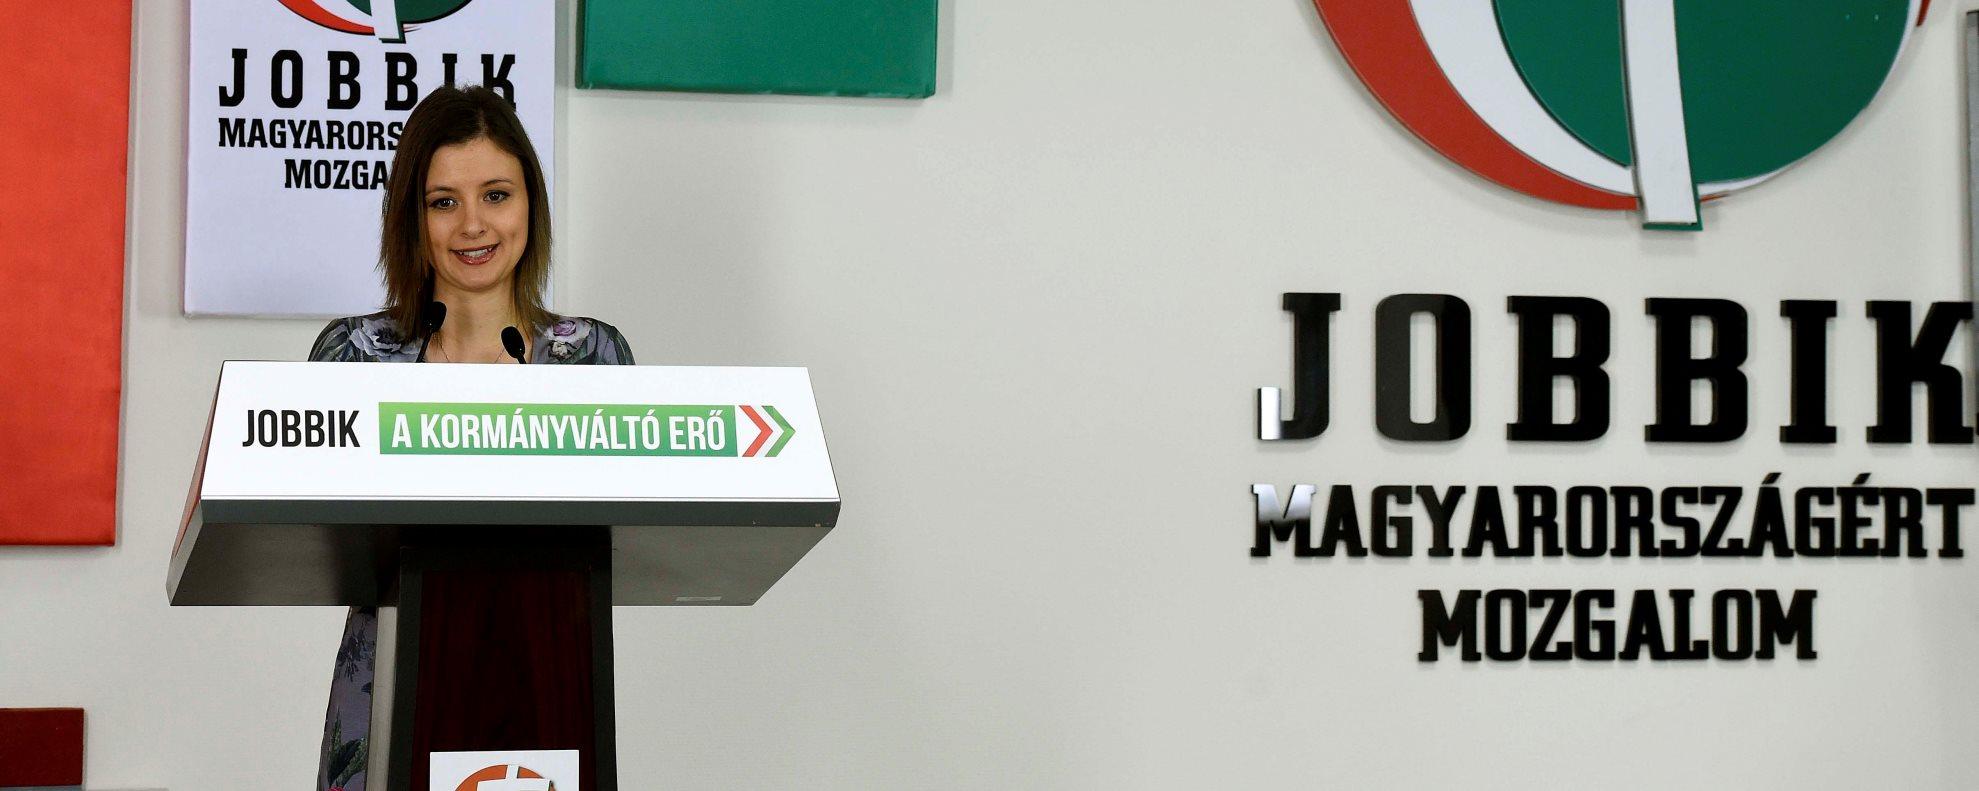 Dúró Dóra sajtótájékoztatója a Jobbik oktatási programjáról